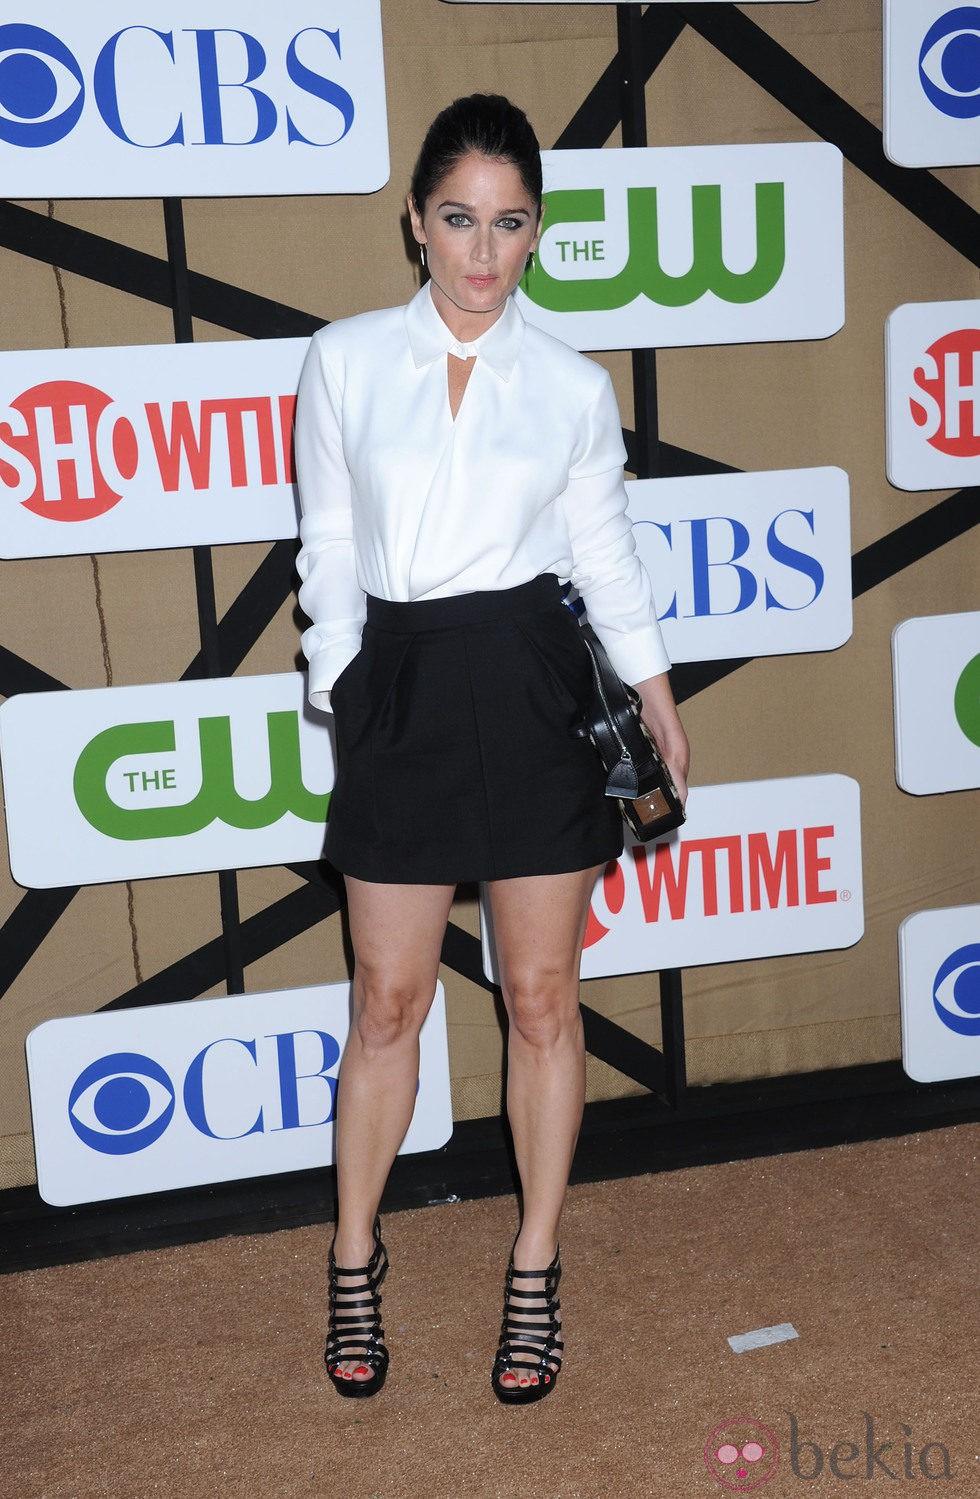 Robin Tunney Photos Photos - CBS, The CW & Showtime 2013